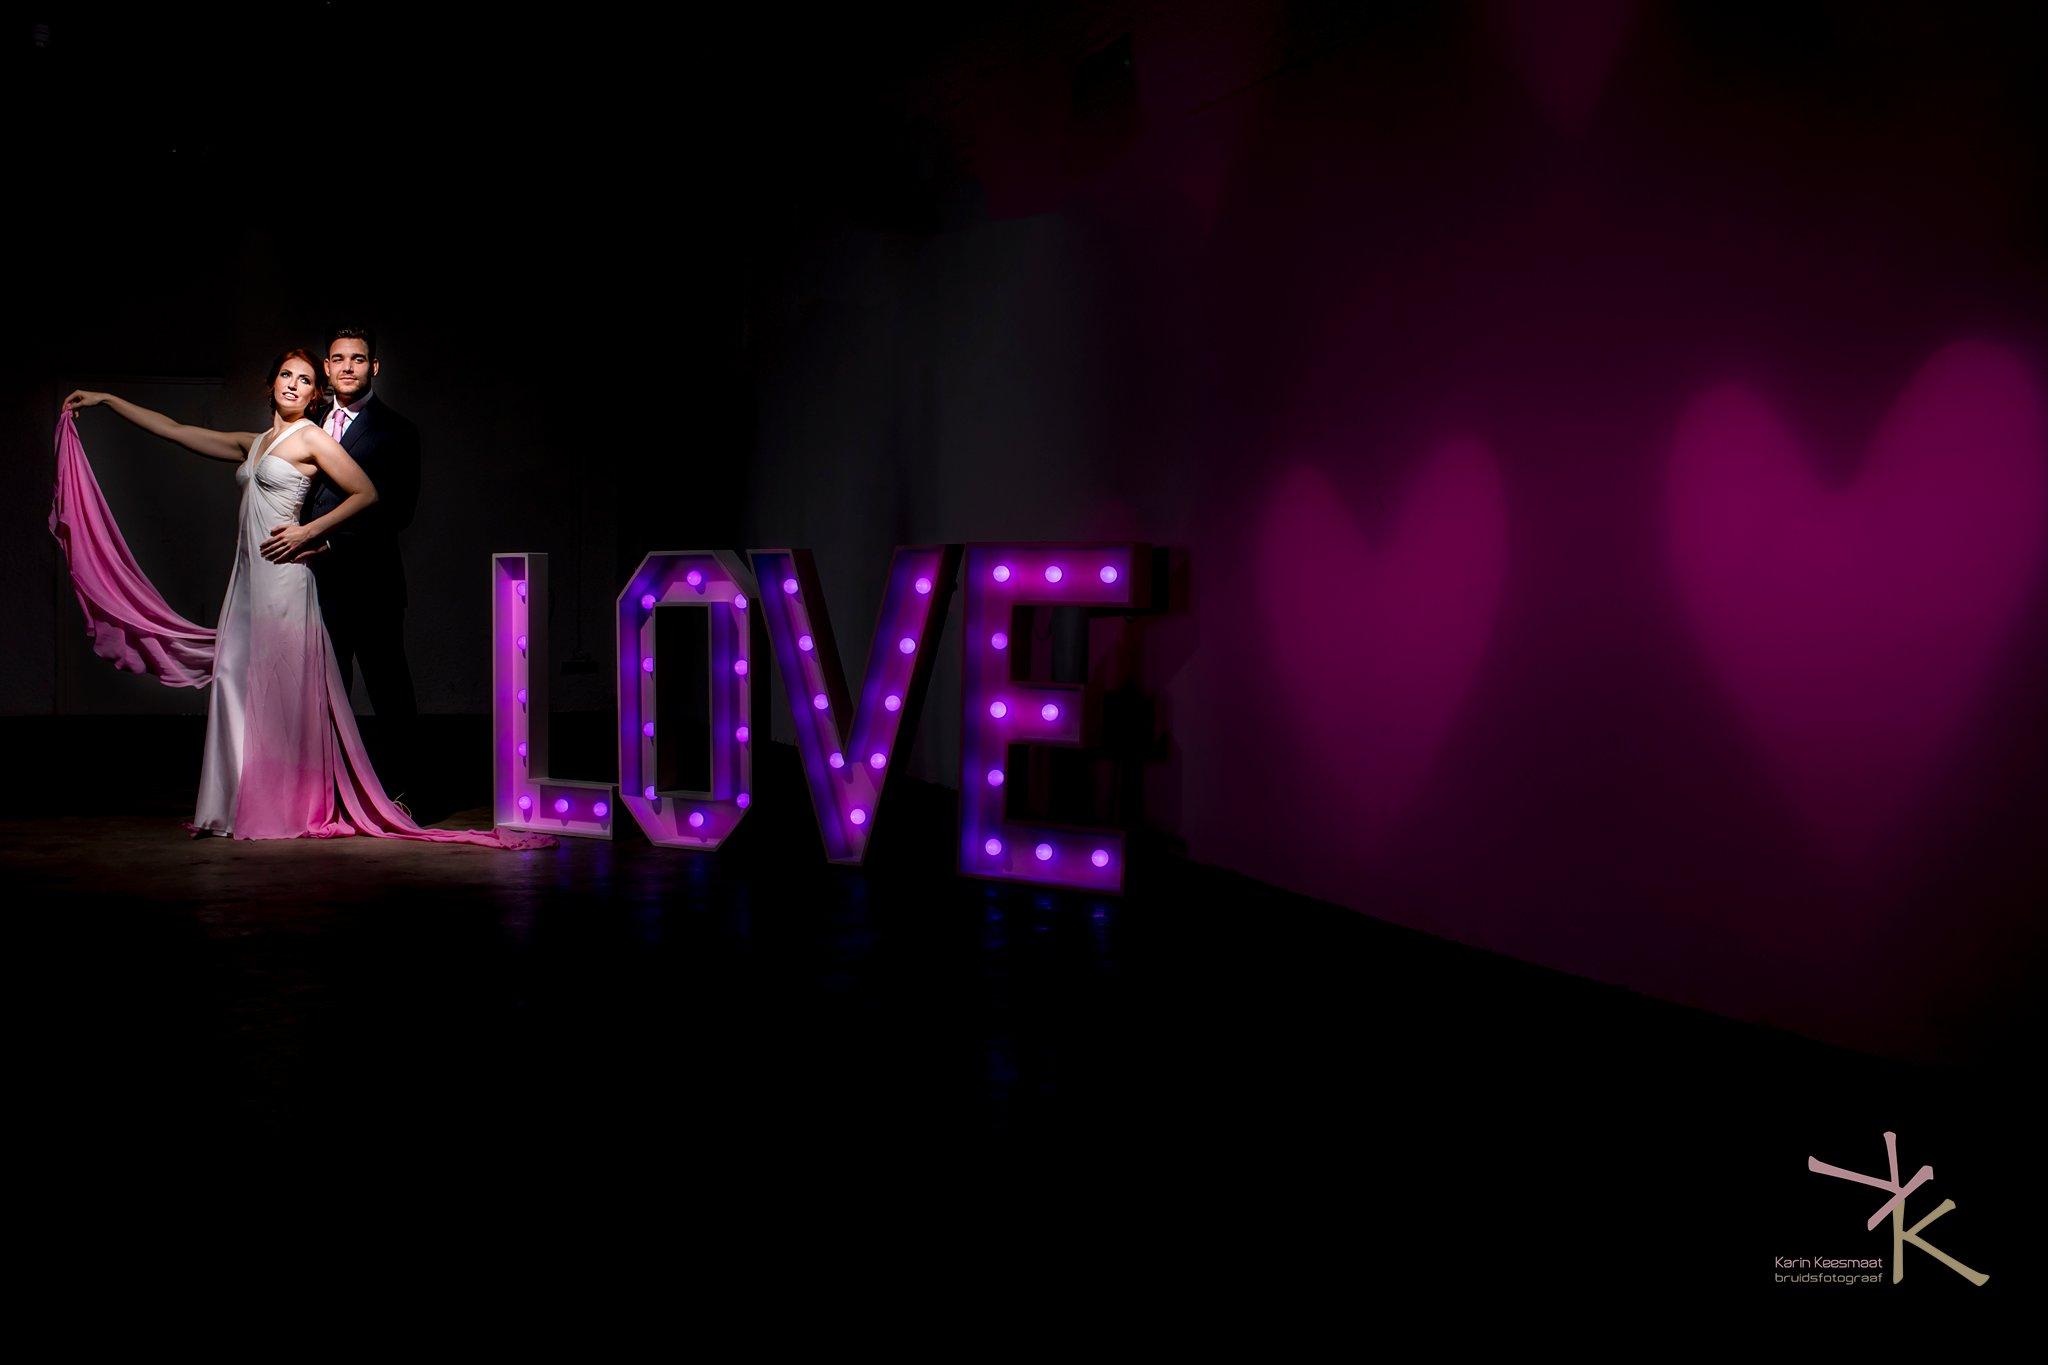 Bruidspaar bij LOVE lichtletters foto gemaakt door Karian Keesmaat van Kijk-Kunstfotografie